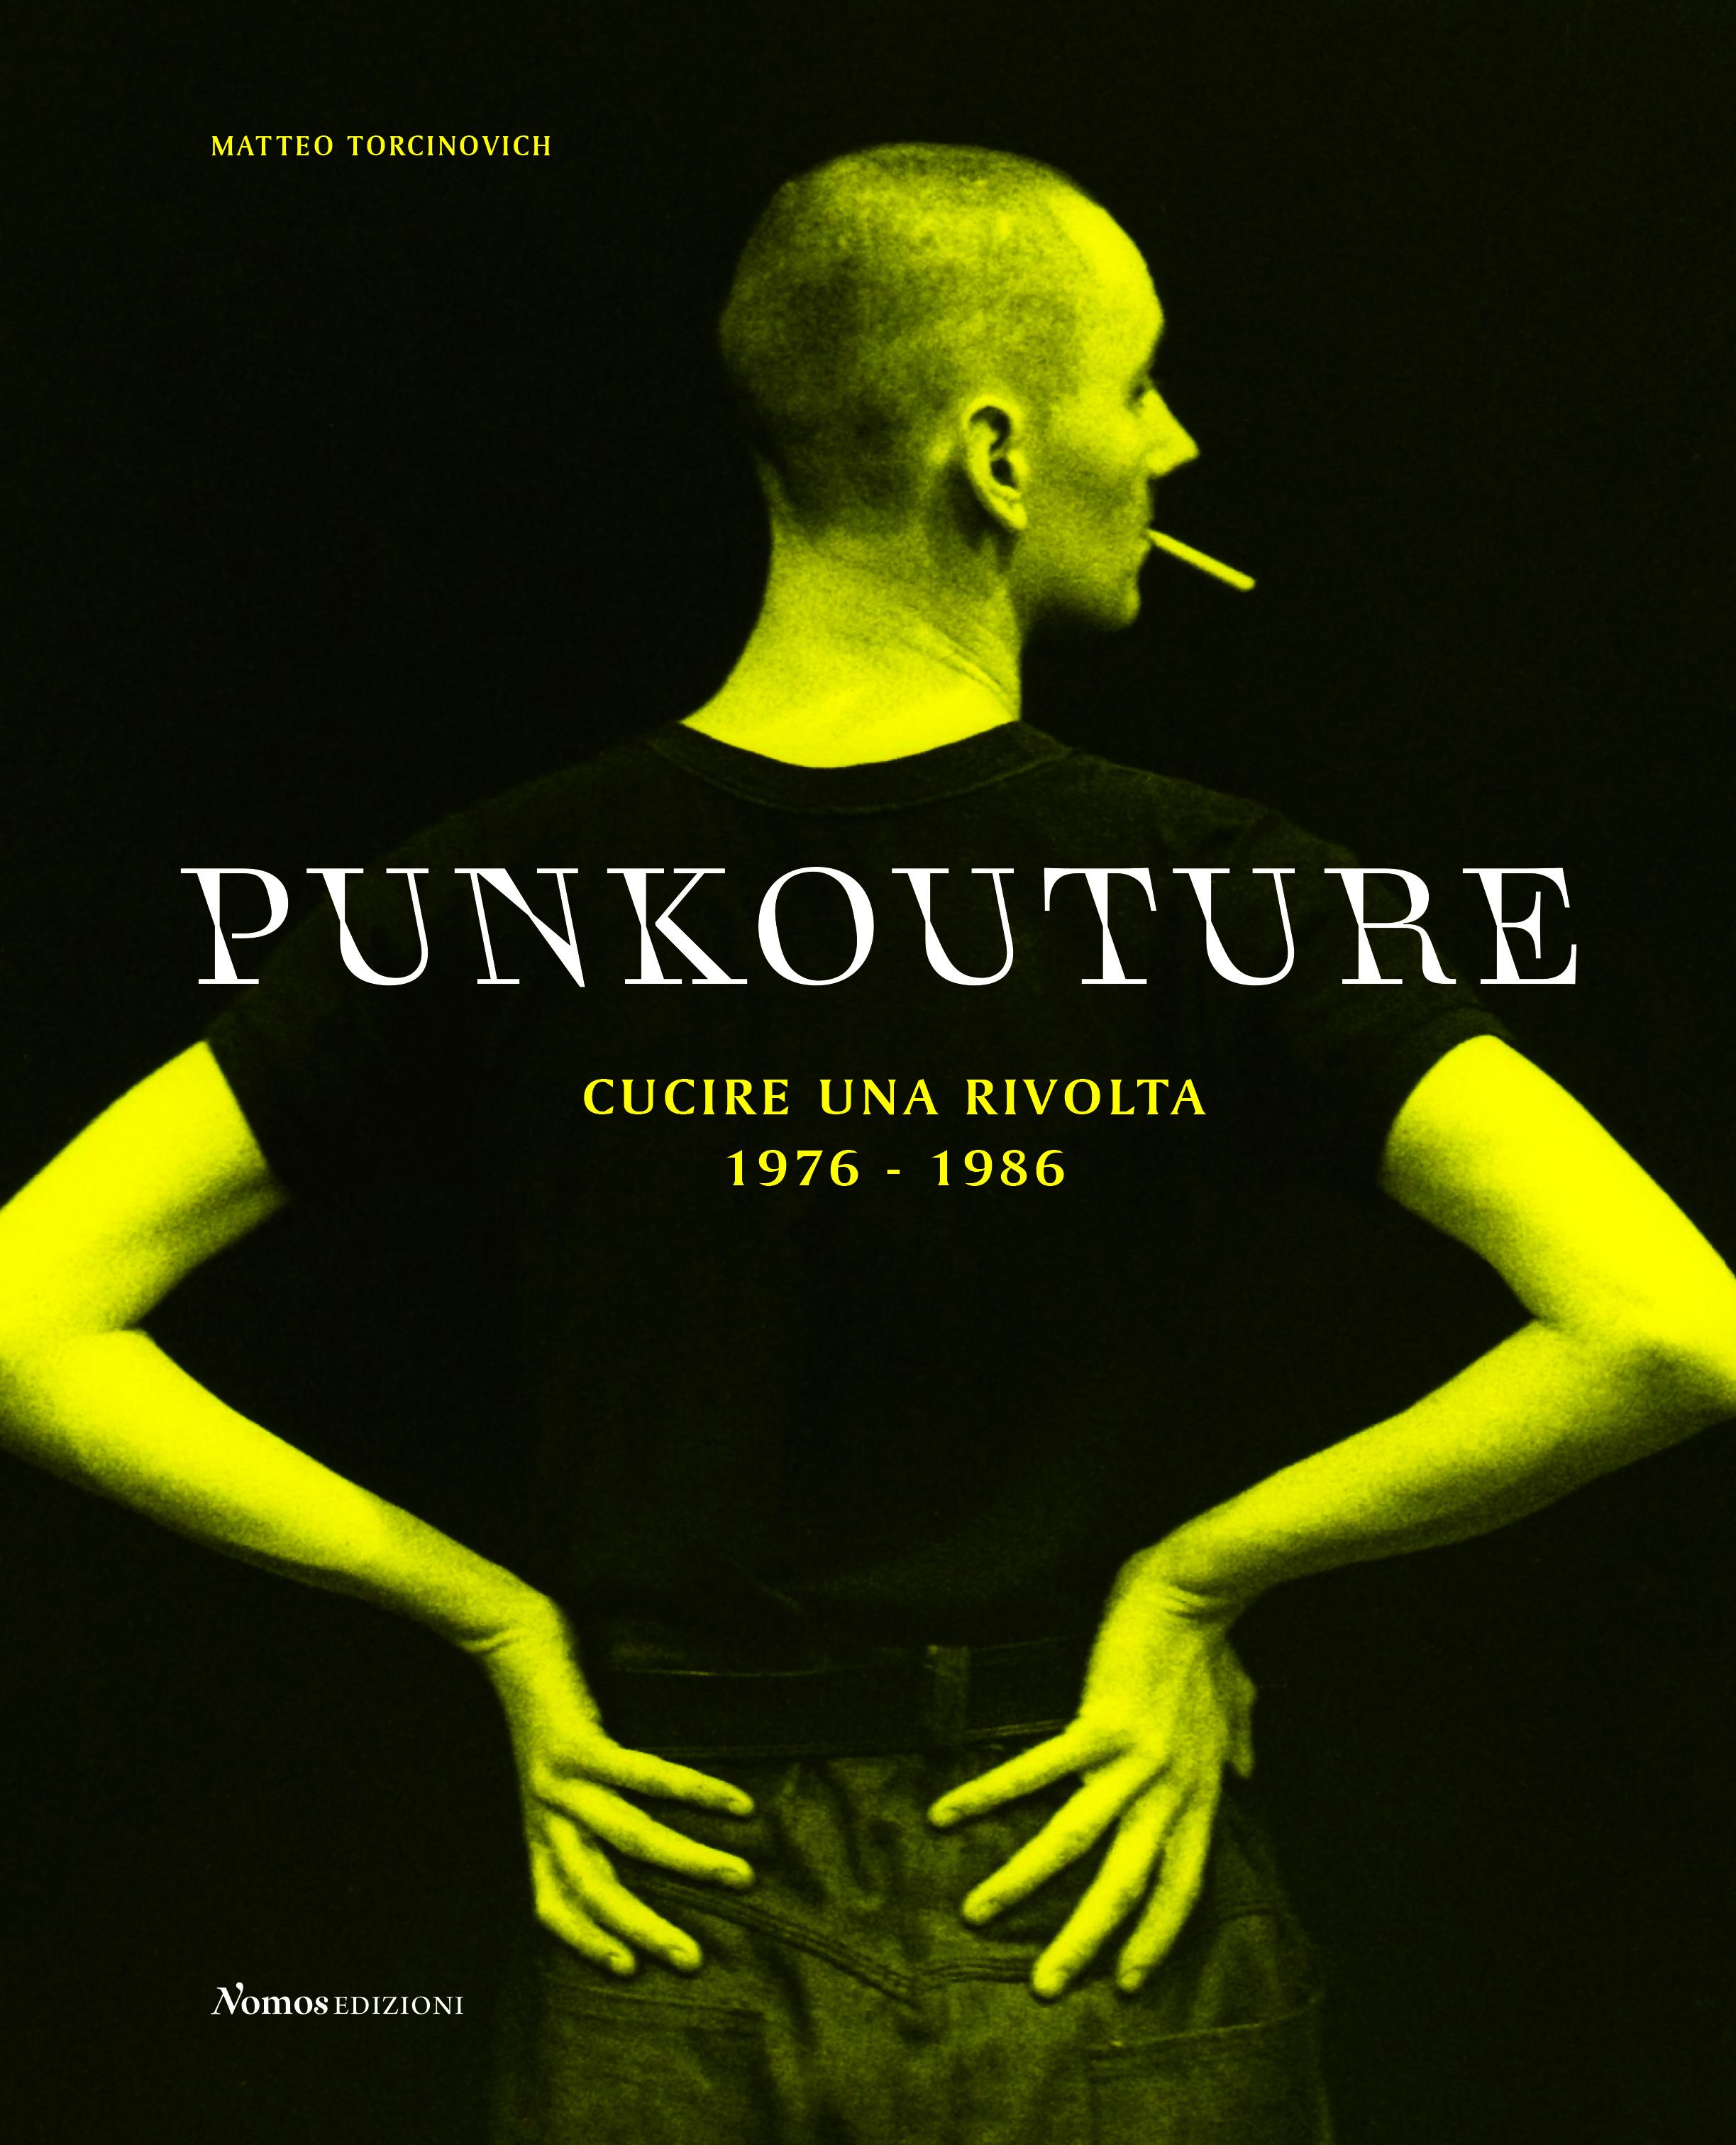 PUNKOUTURE. Cucire una rivolta 1976-1986